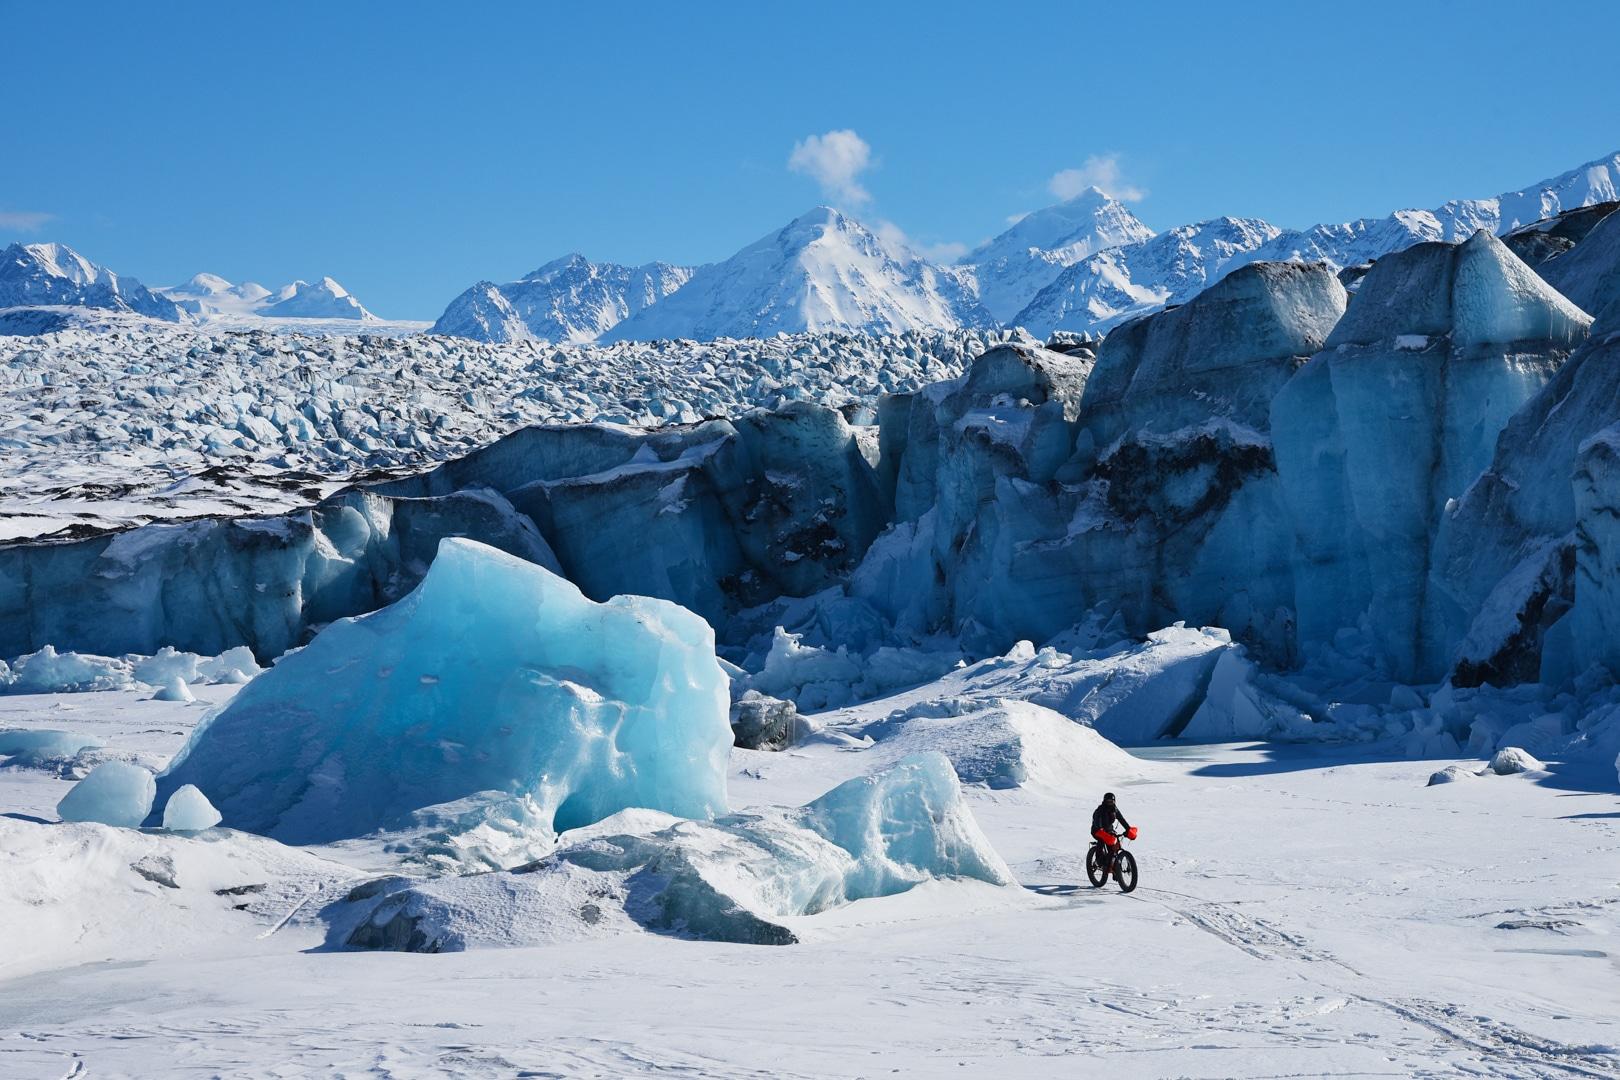 Klaar voor een nieuwe wintersportlocatie Het Italiaanse Zuid Tirol is een dan zeker een optie 04